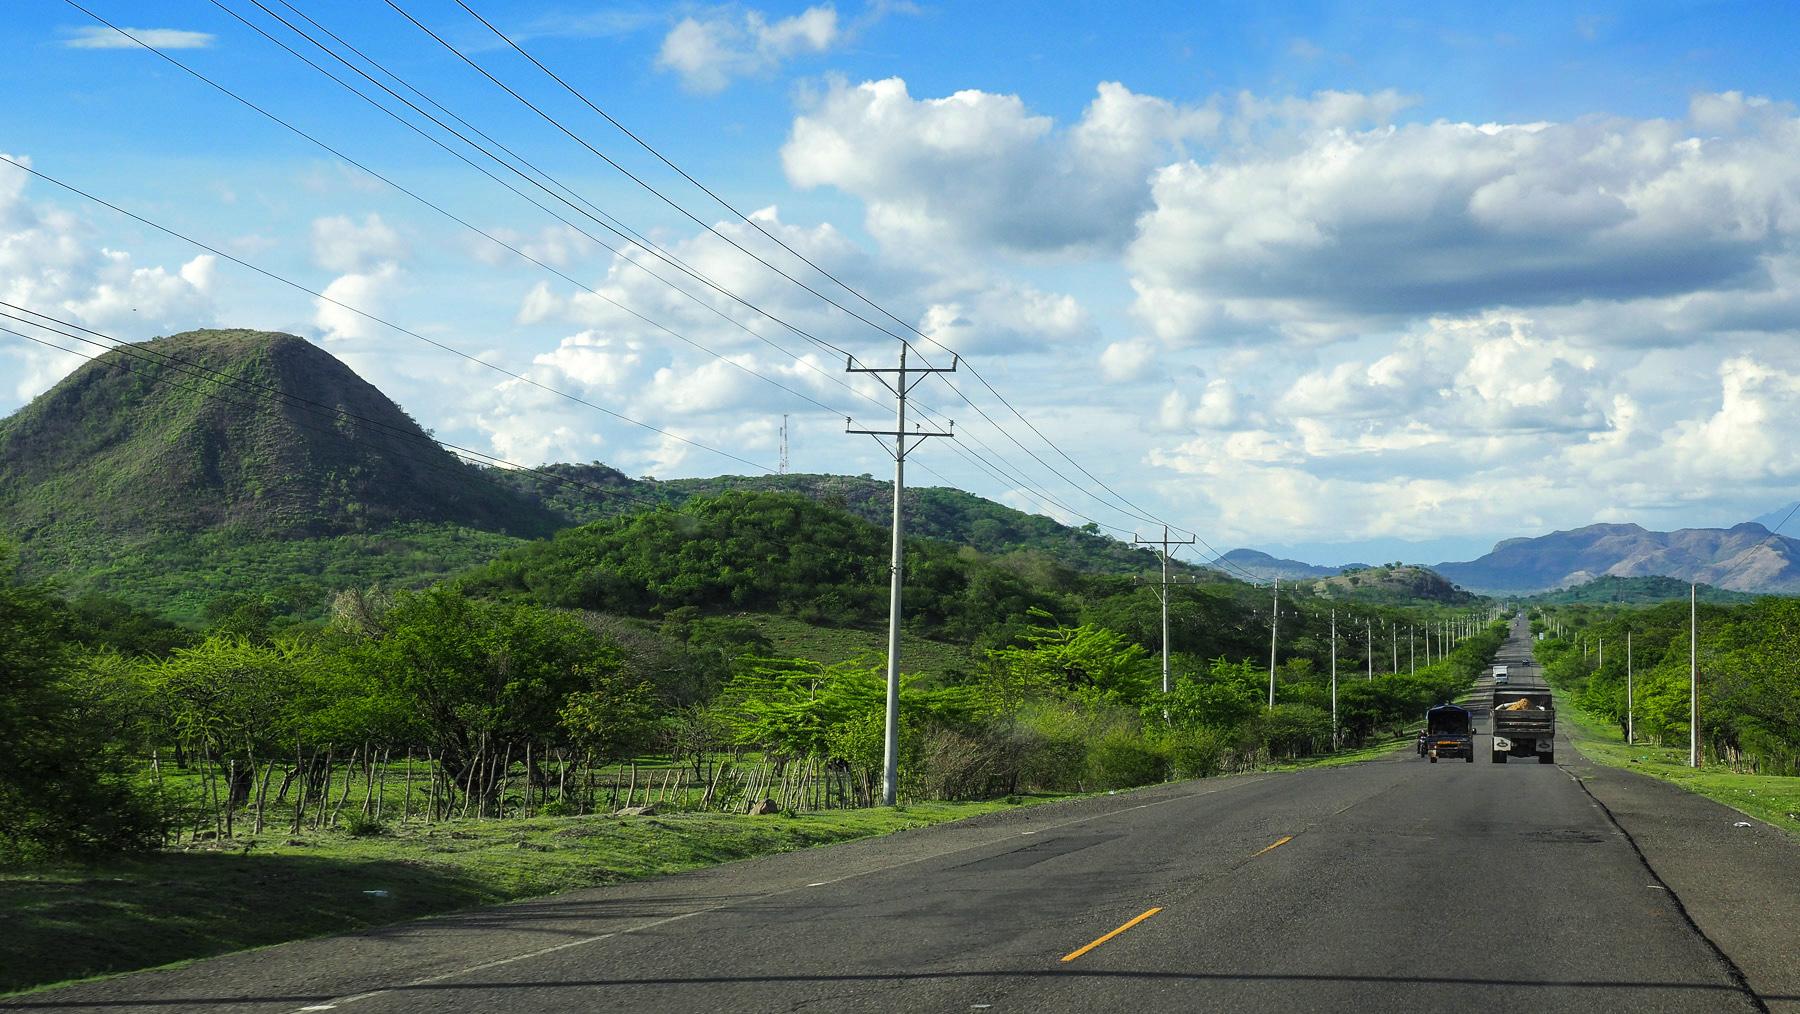 Honduras: kurze Durchquerung auf der Panamericana ohne Straßenblockaden